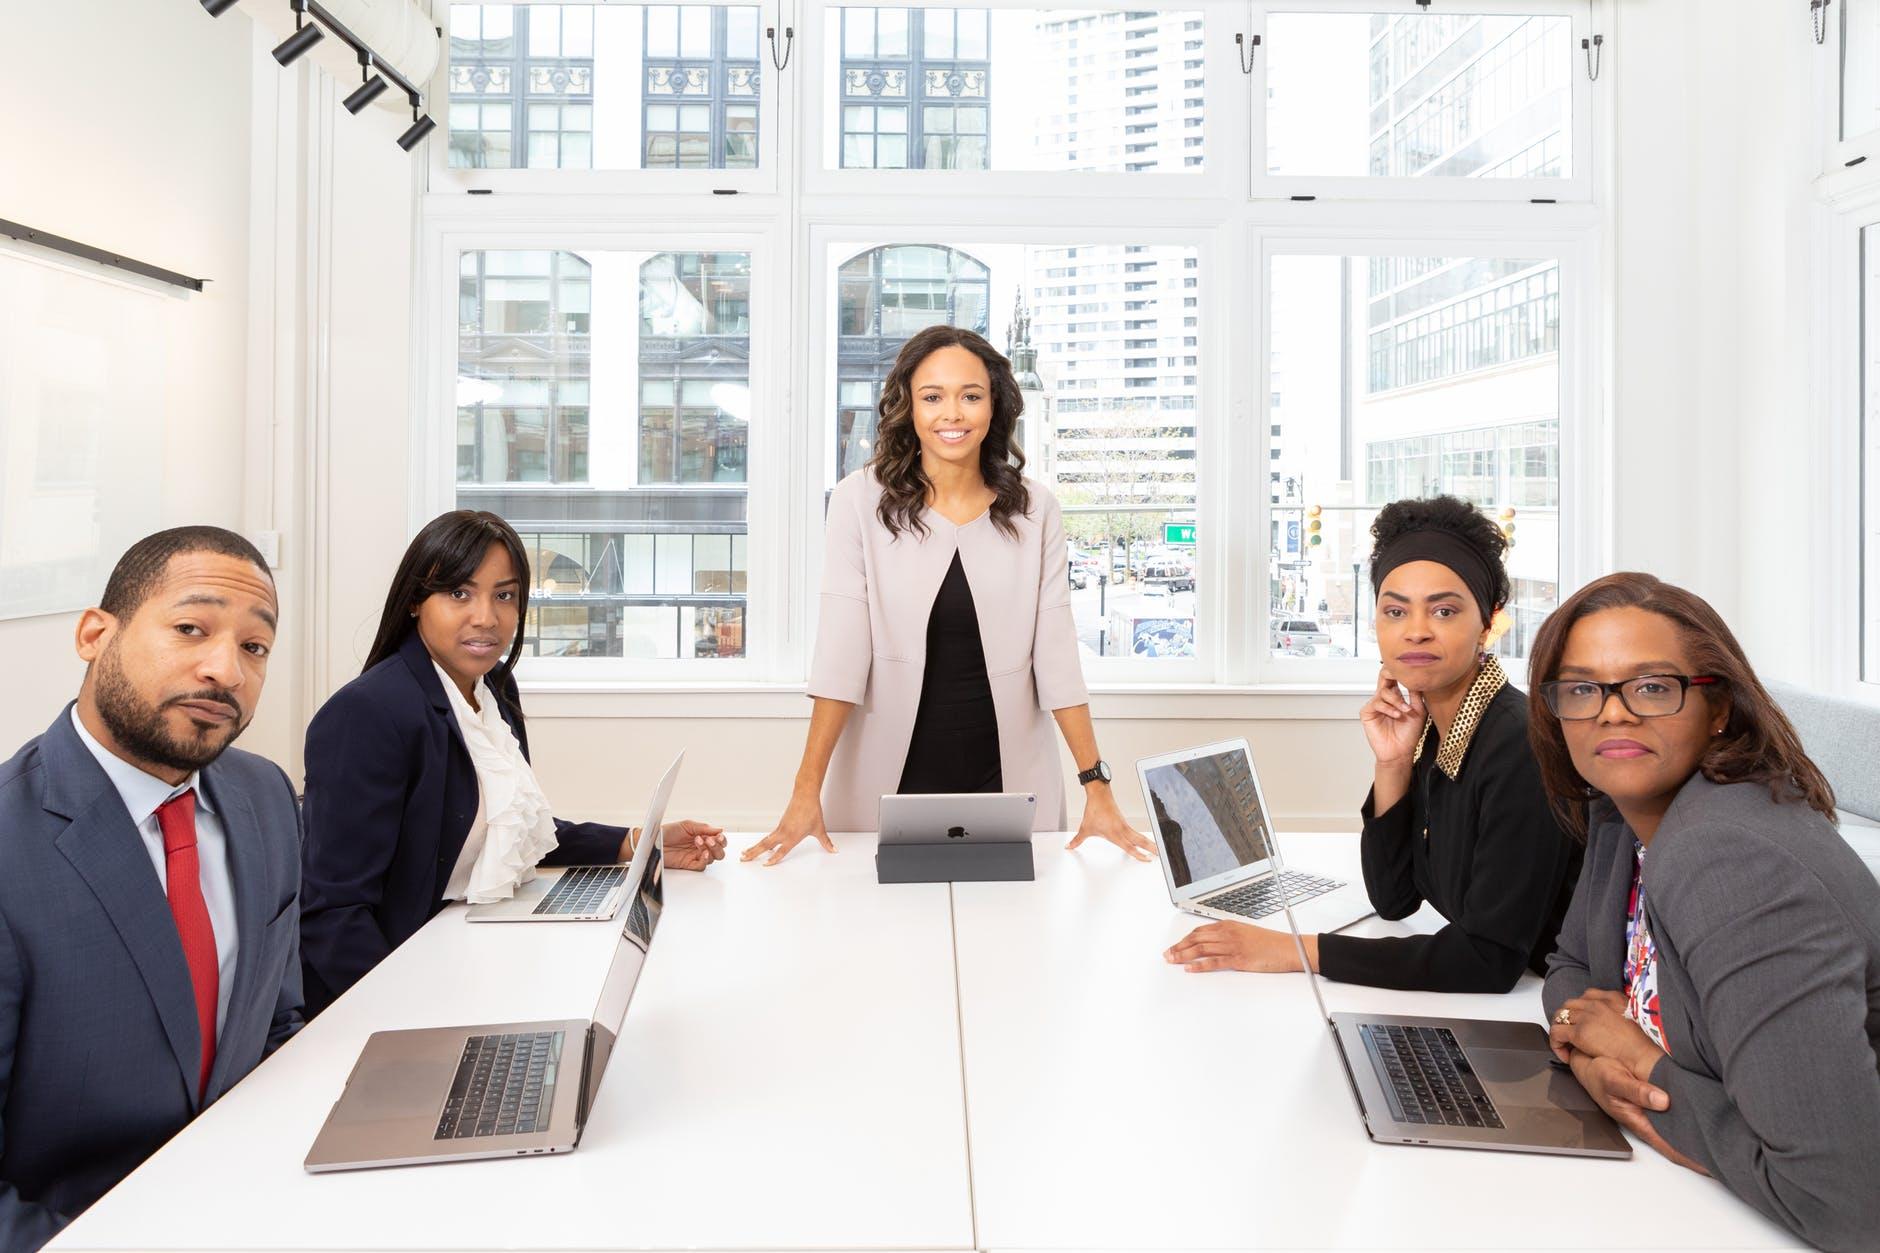 5 Cara untuk Menjaga Pola Berpikir Positif dalam Bisnis